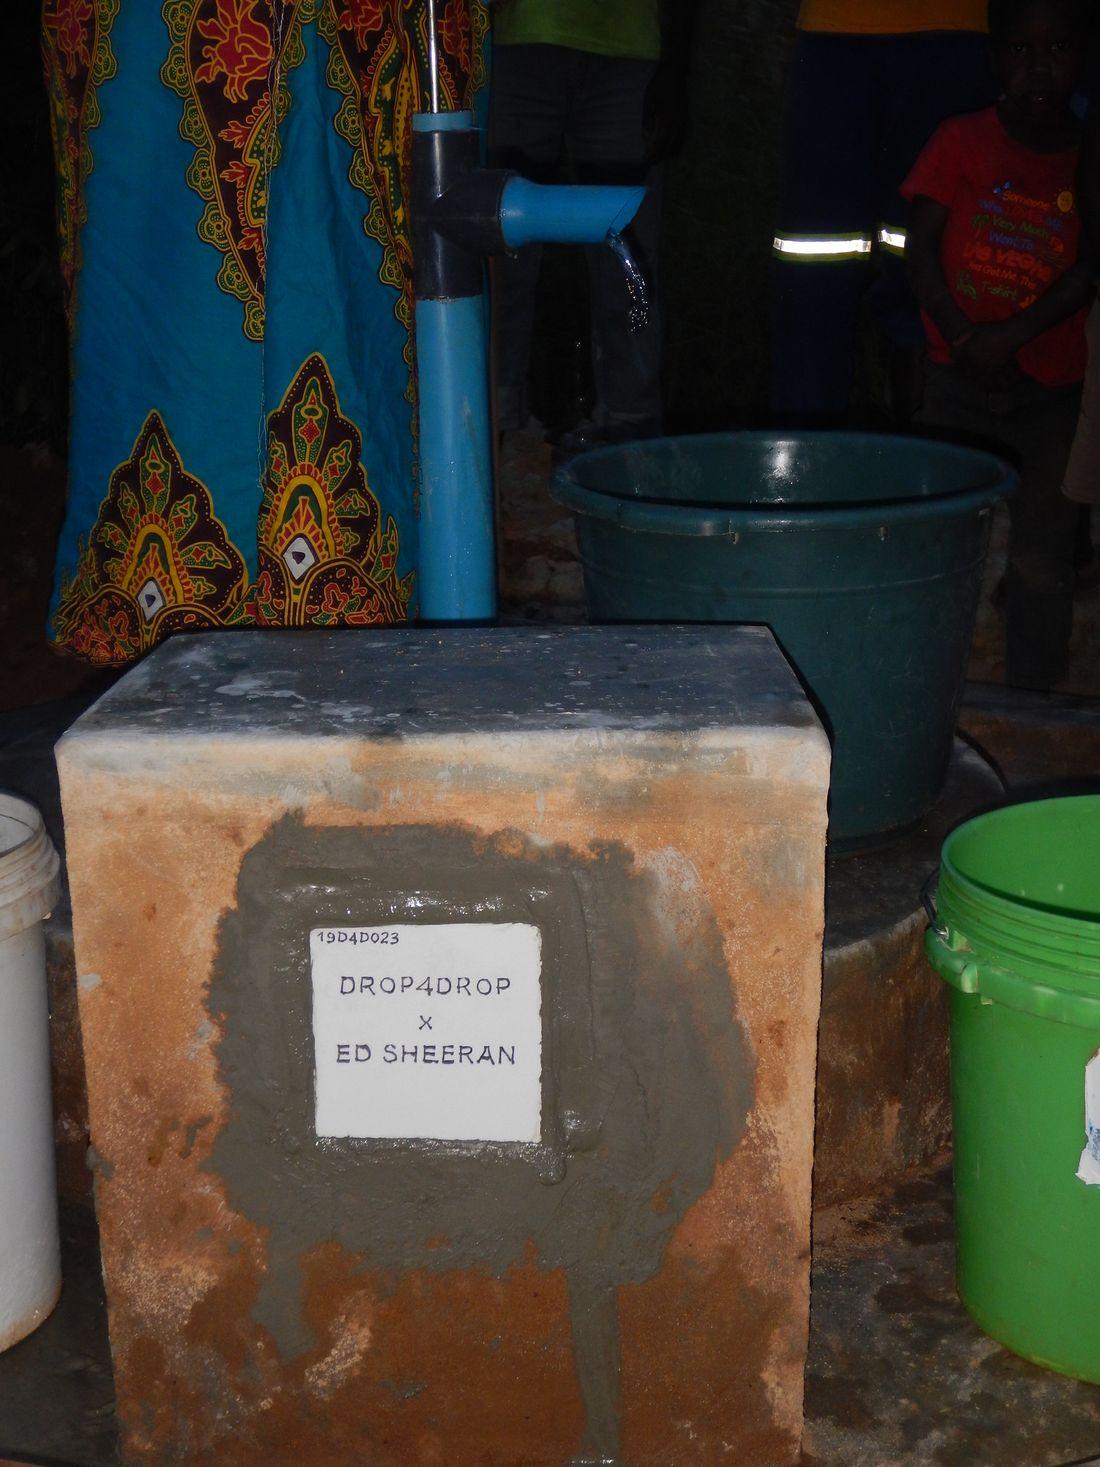 Chilangalanga - pump 19D4D023